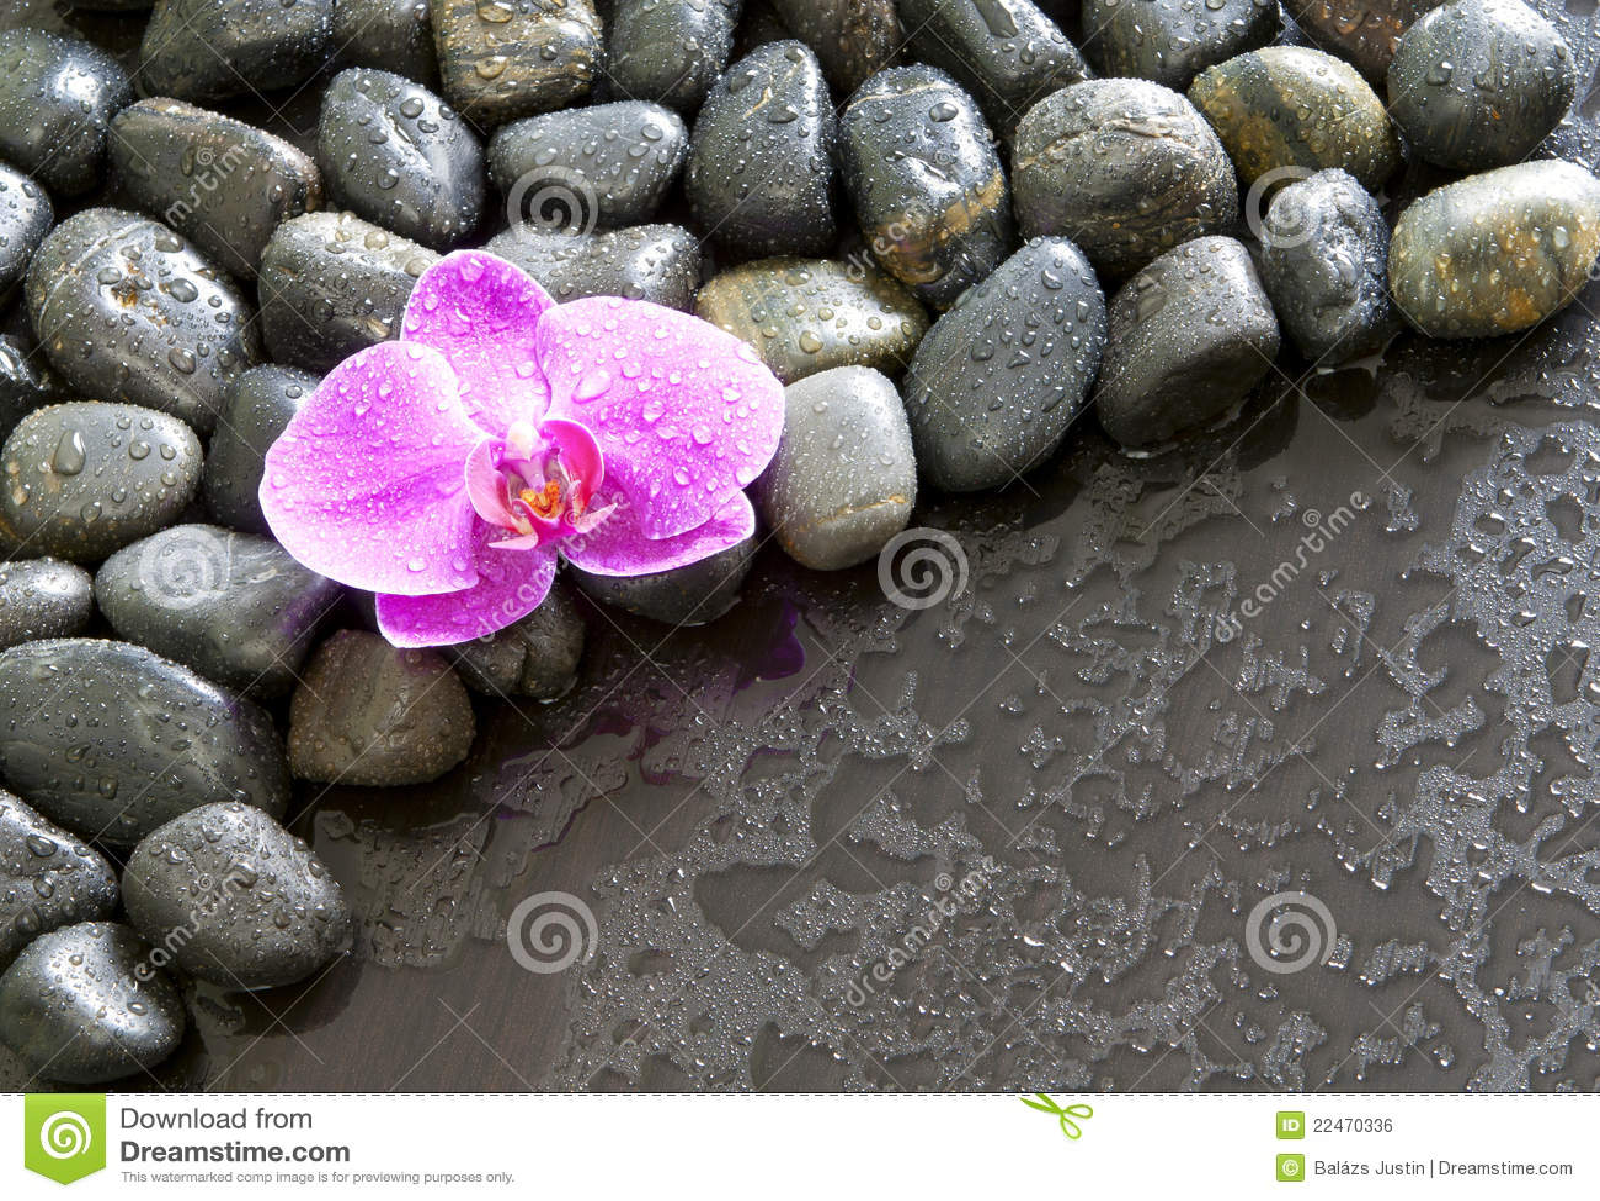 Mooie purpere orchidee, rotsen en waterdruppeltjes.